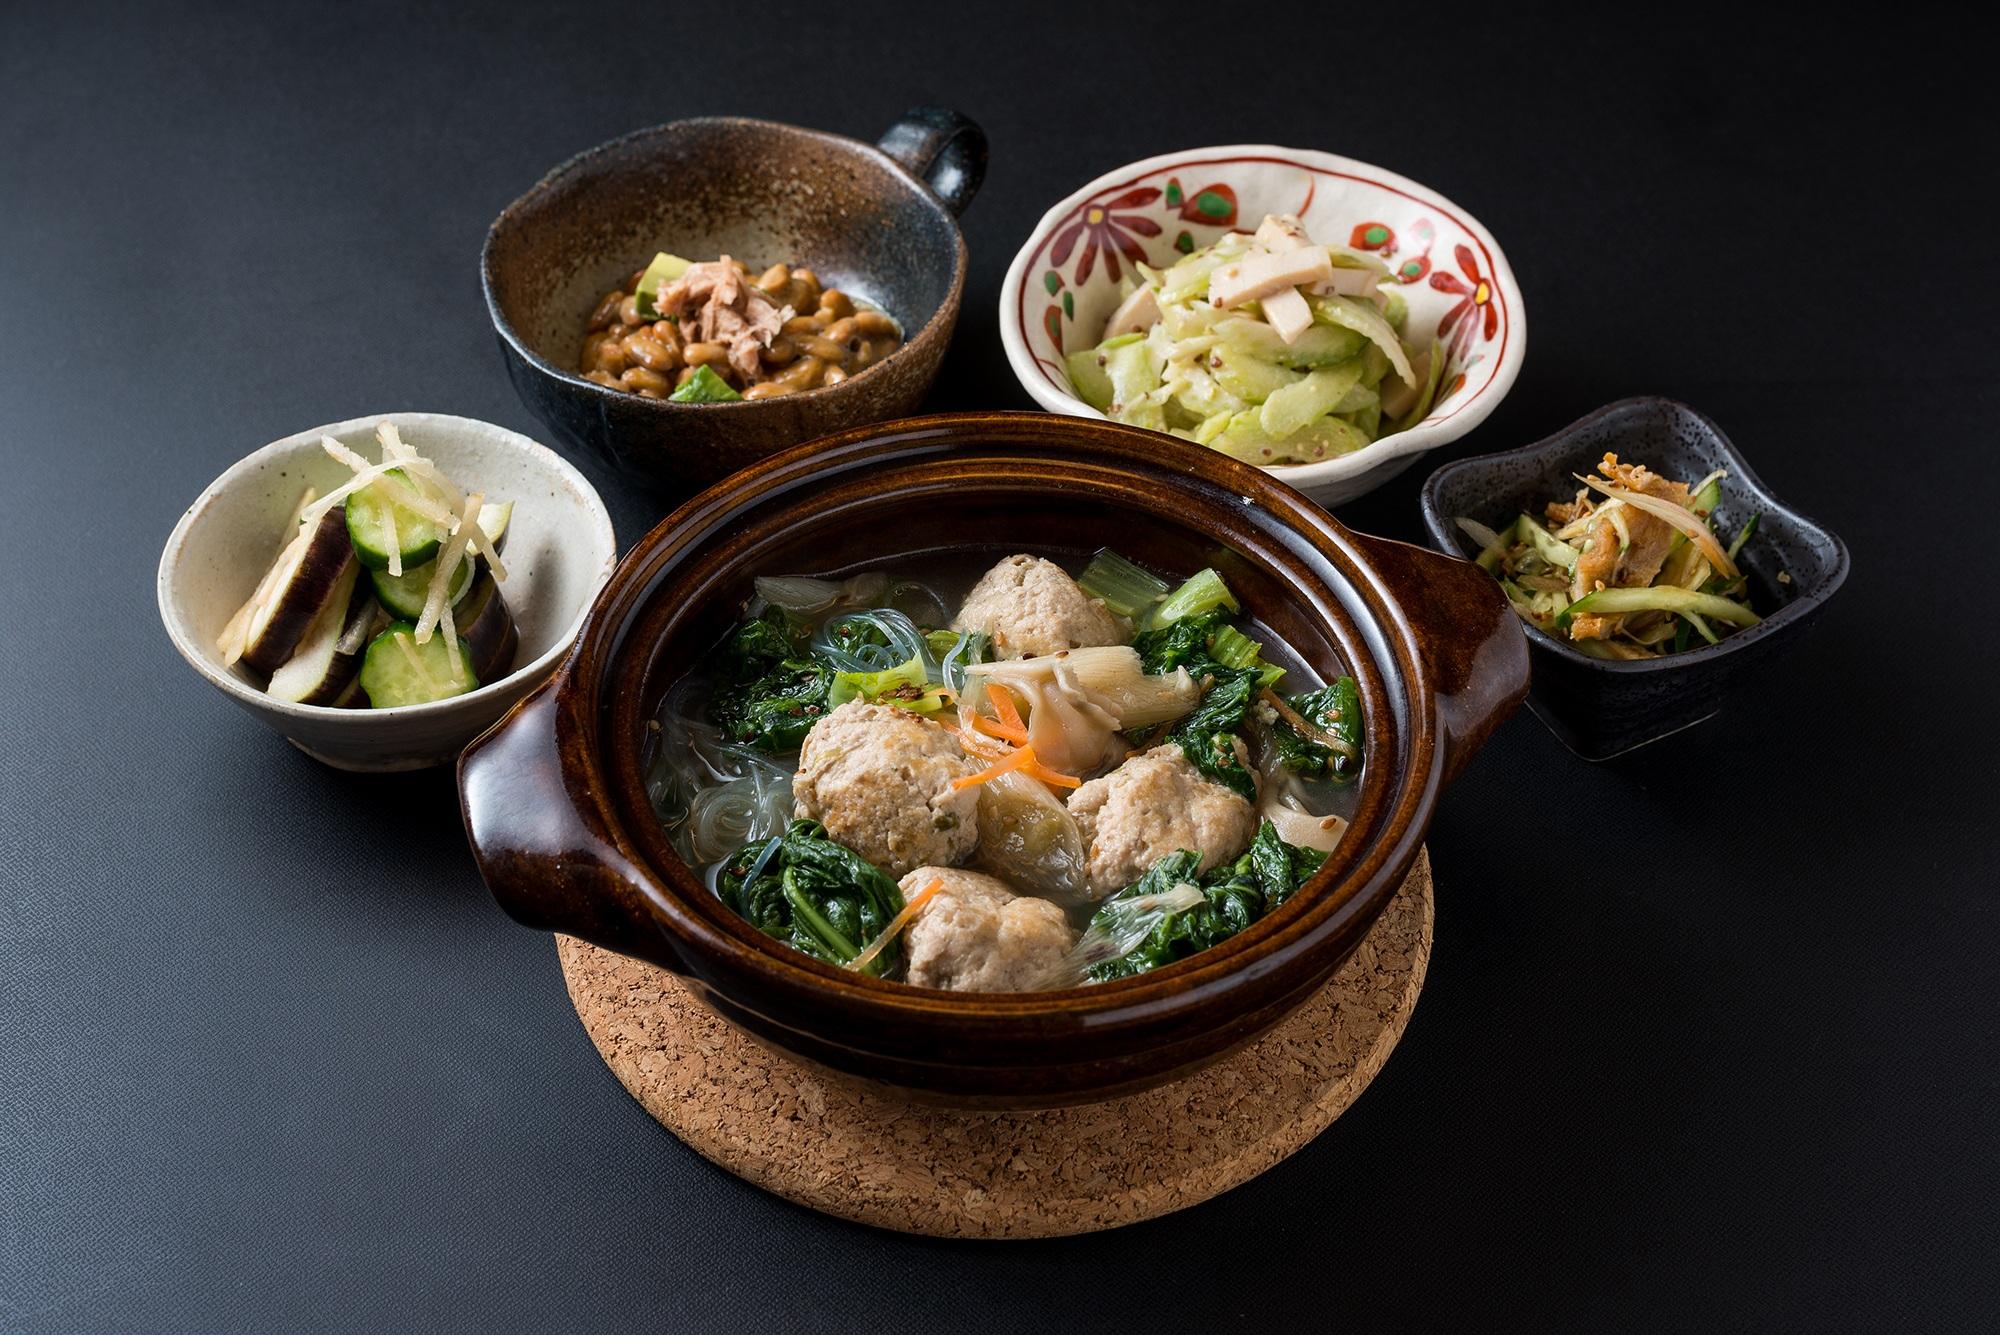 картинки китайские блюда участвуем